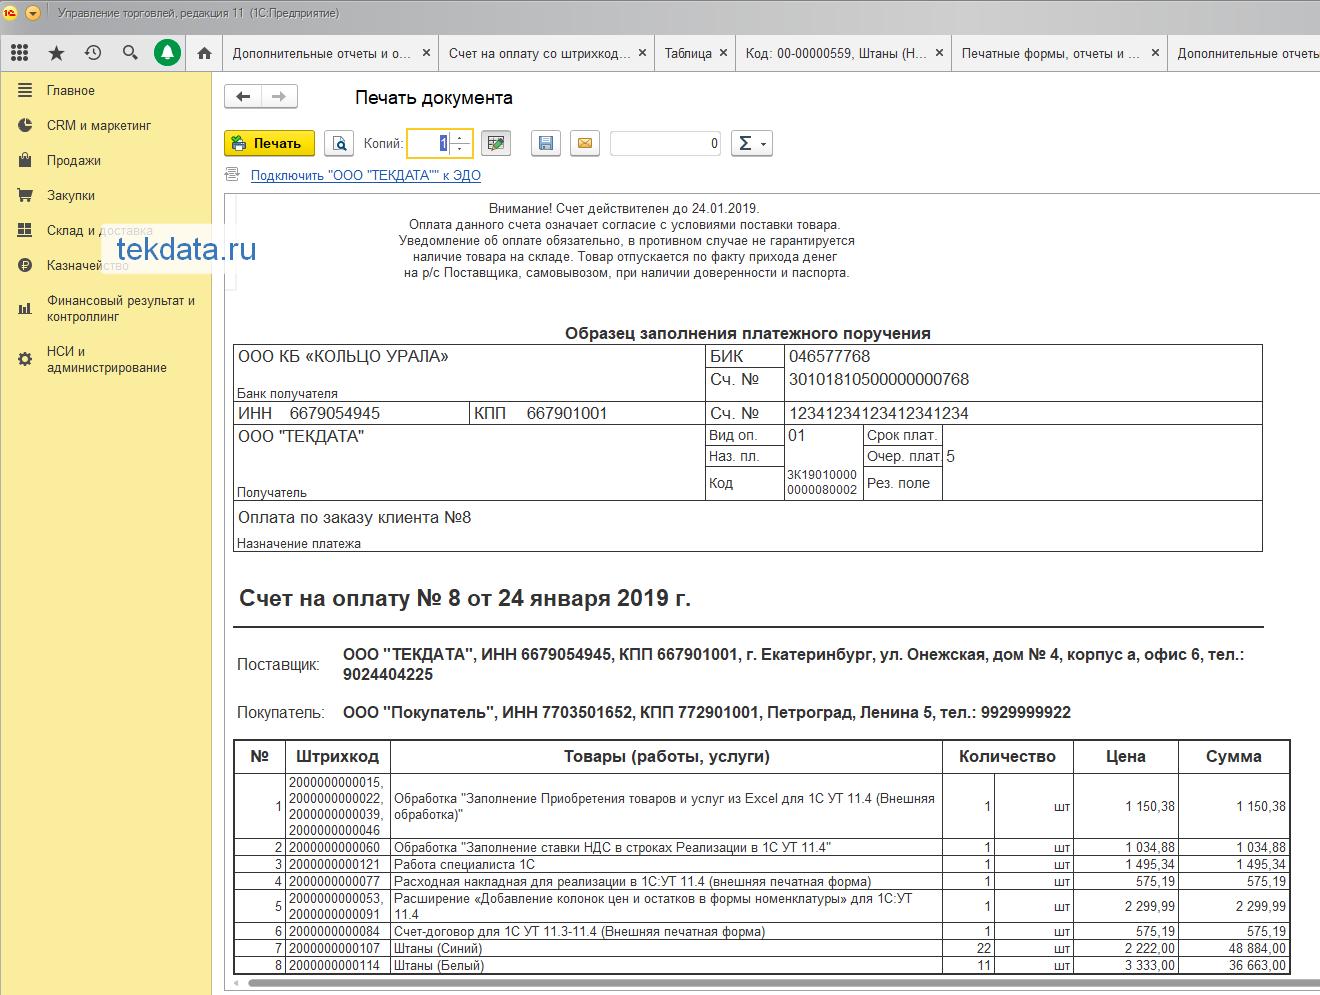 Счет на оплату со штрихкодами для Заказа клиента в УТ 11.4 (Внешняя печатная форма)